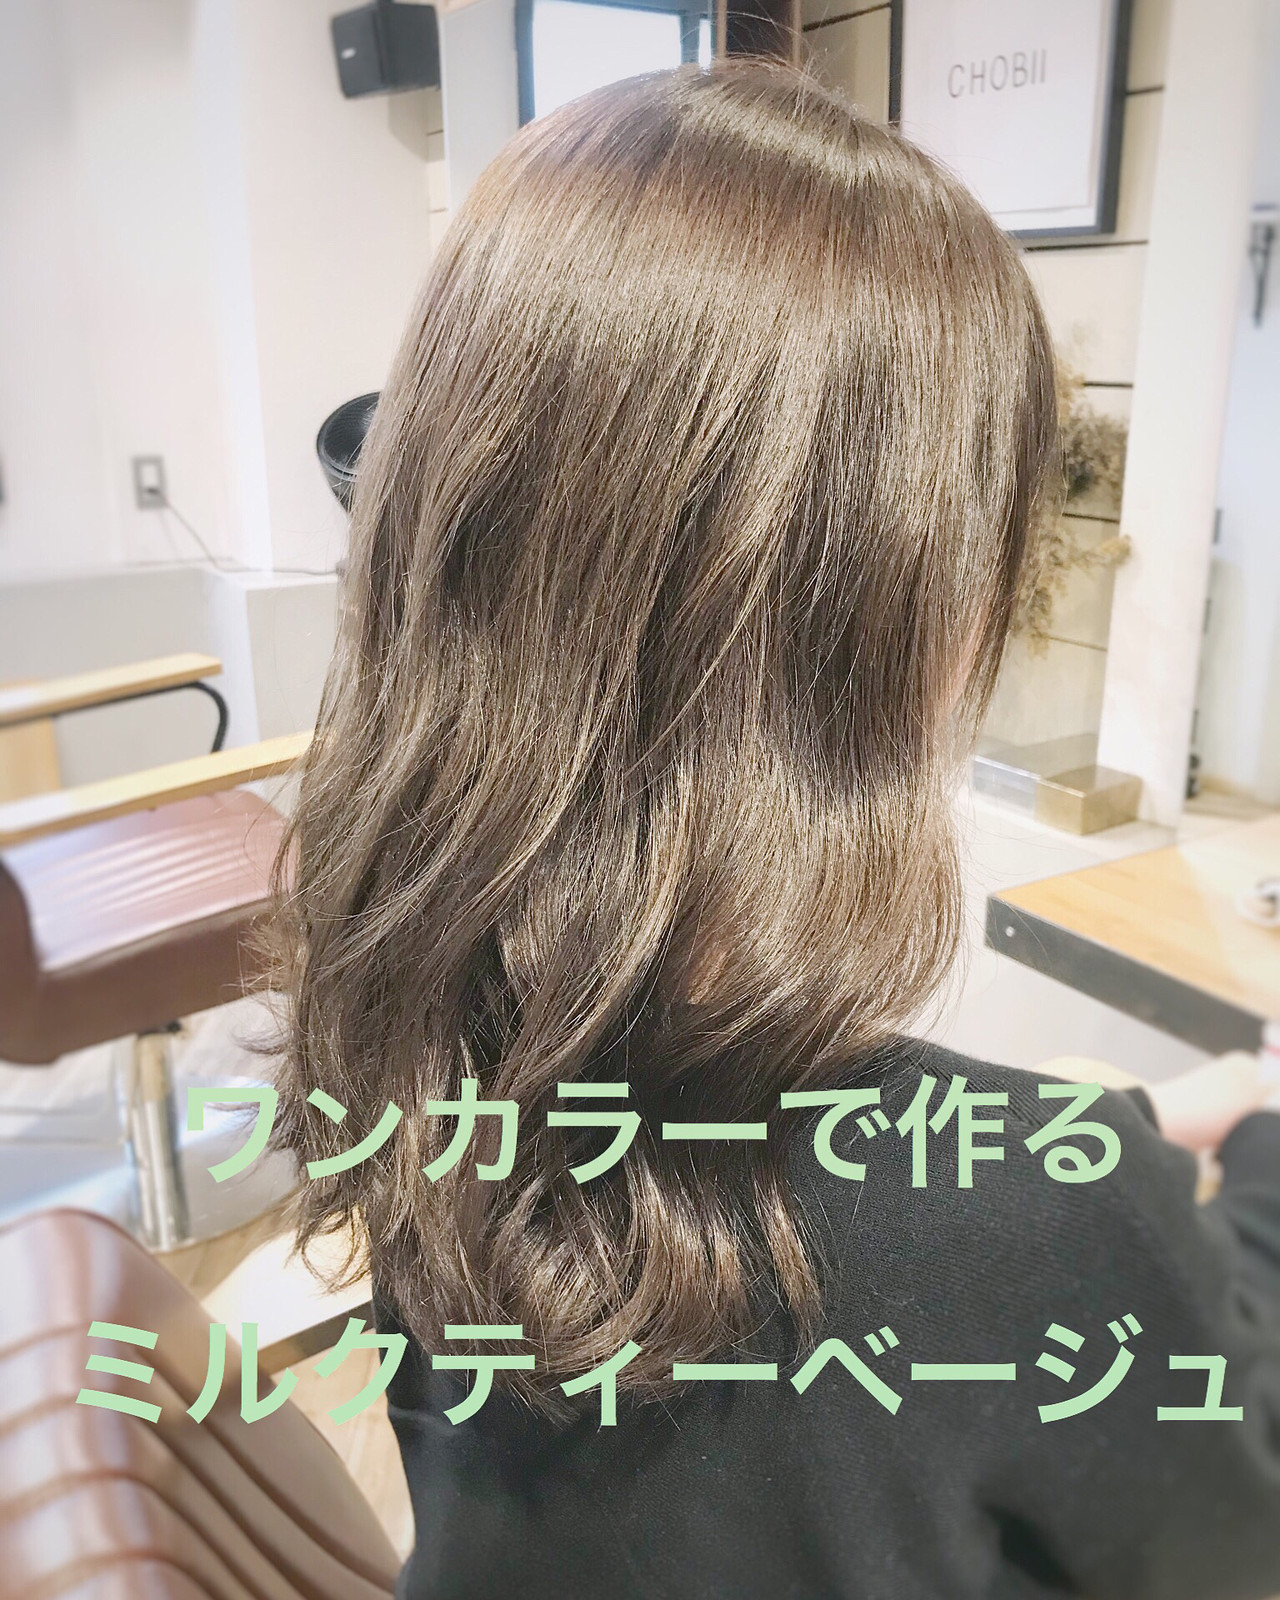 ヘアアレンジ ナチュラル 簡単ヘアアレンジ 結婚式 ヘアスタイルや髪型の写真・画像